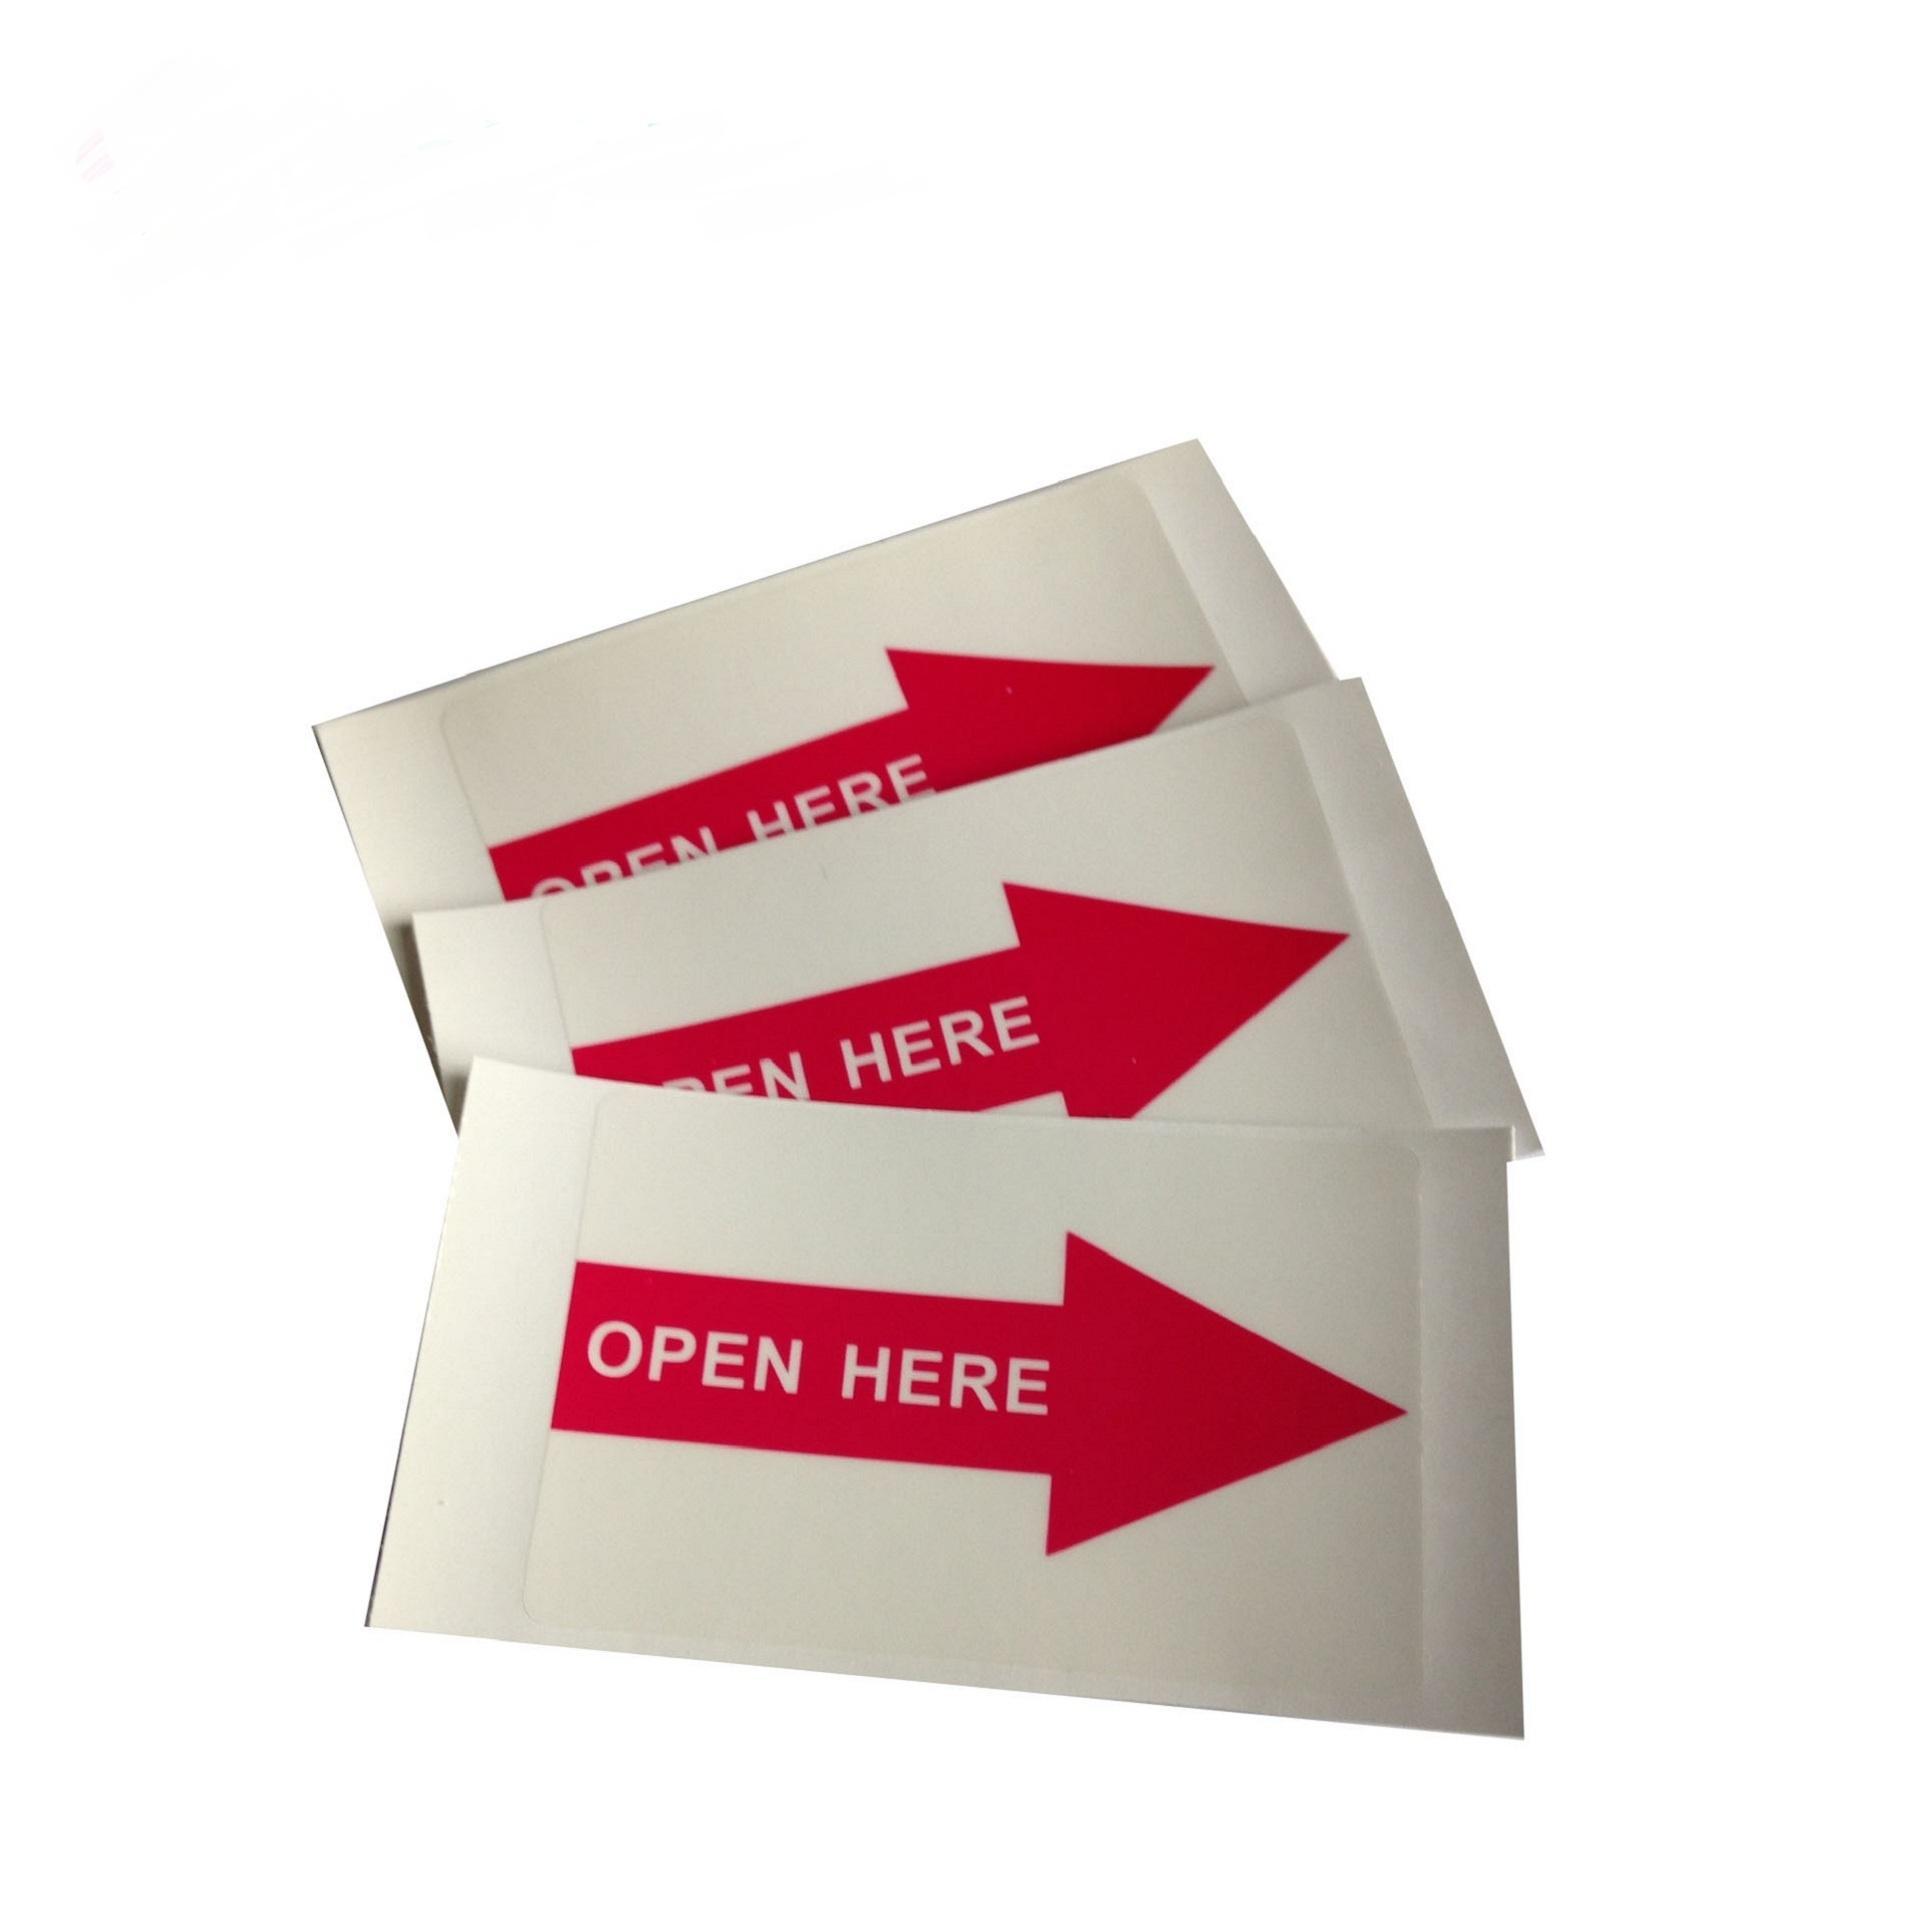 사용자 정의 방향 경고 접착 스티커, 심천의 화살표 라벨 메이커